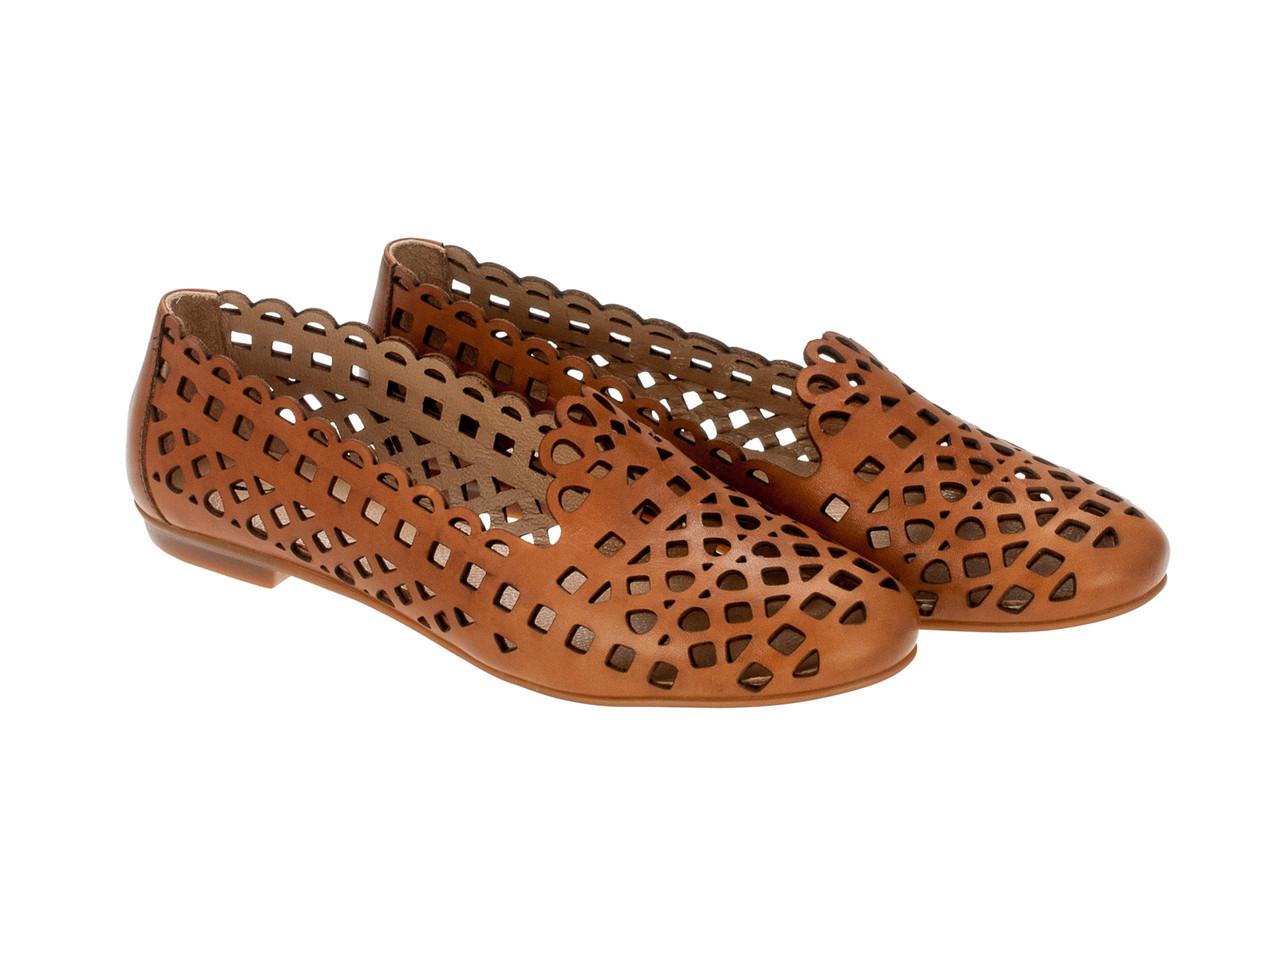 Балетки Etor 4524-98-439 коричневые